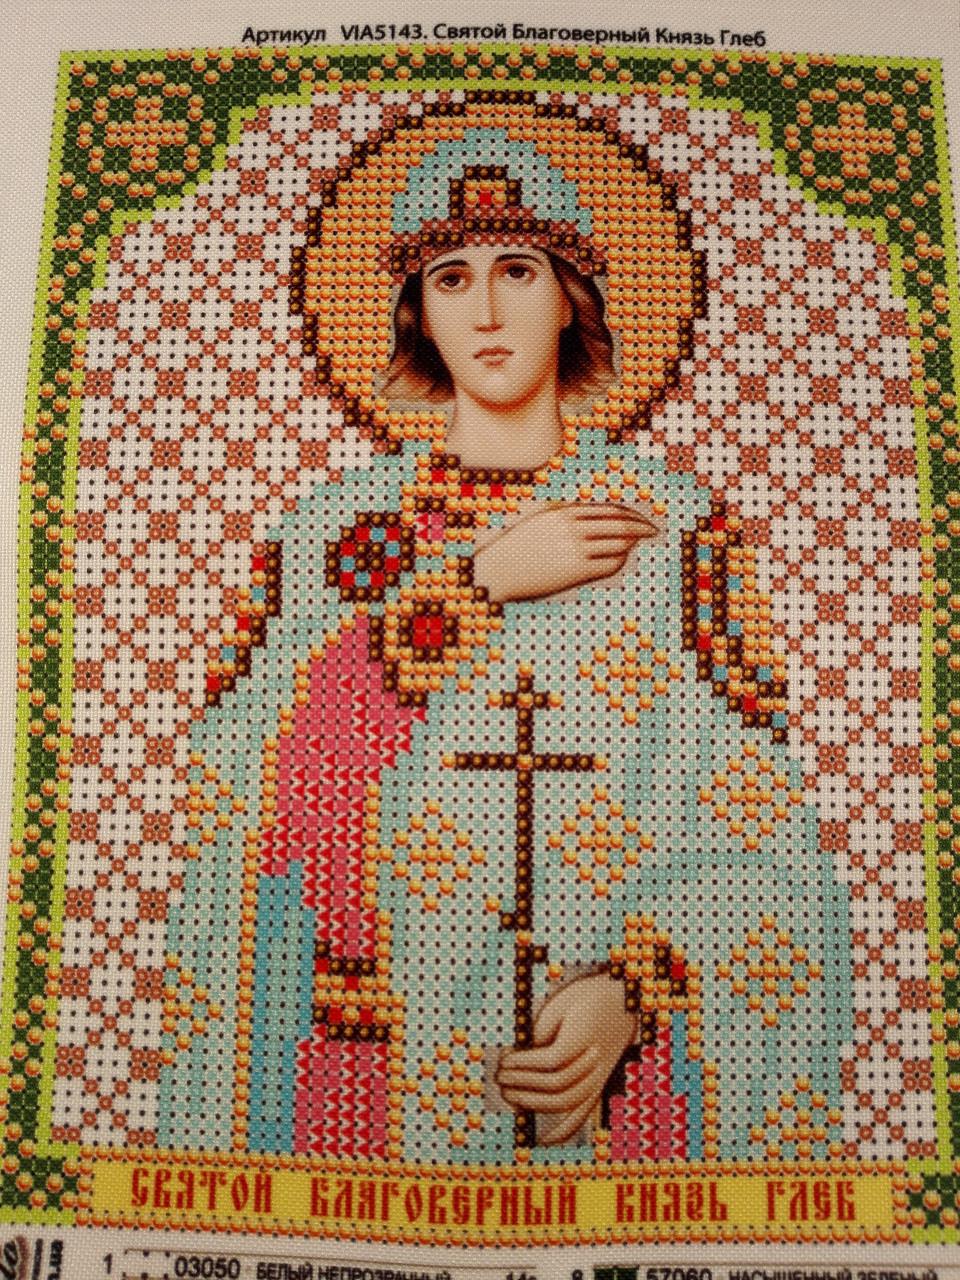 Набор для вышивки бисером икона Святой Благоверный Князь Глеб VIA 5143